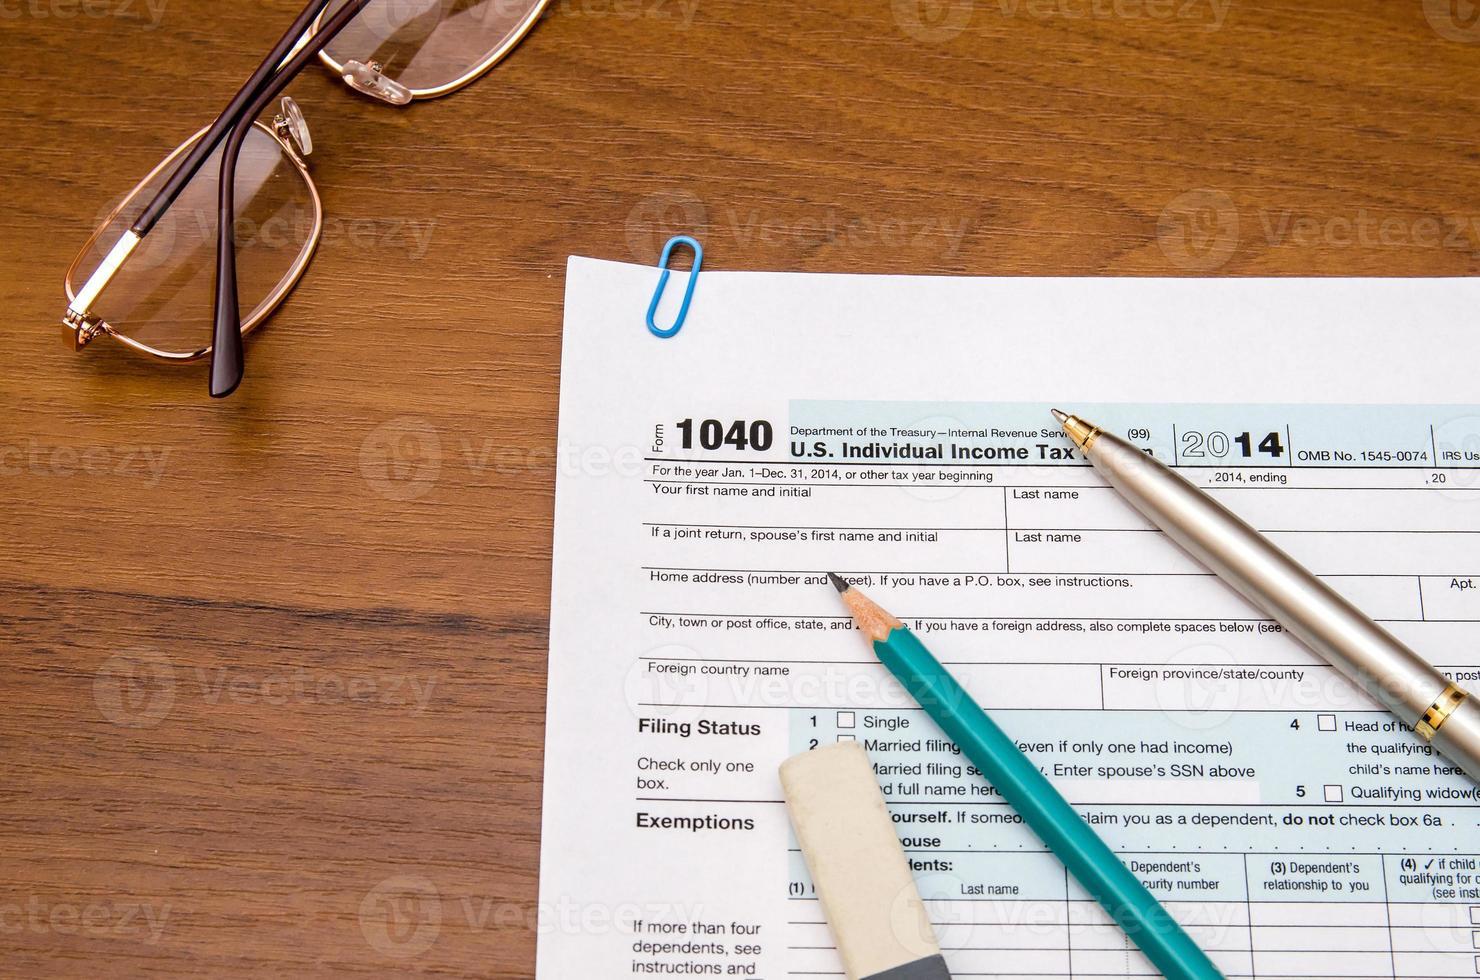 vul ons individueel belastingaangifteformulier 1040 in tabel in foto